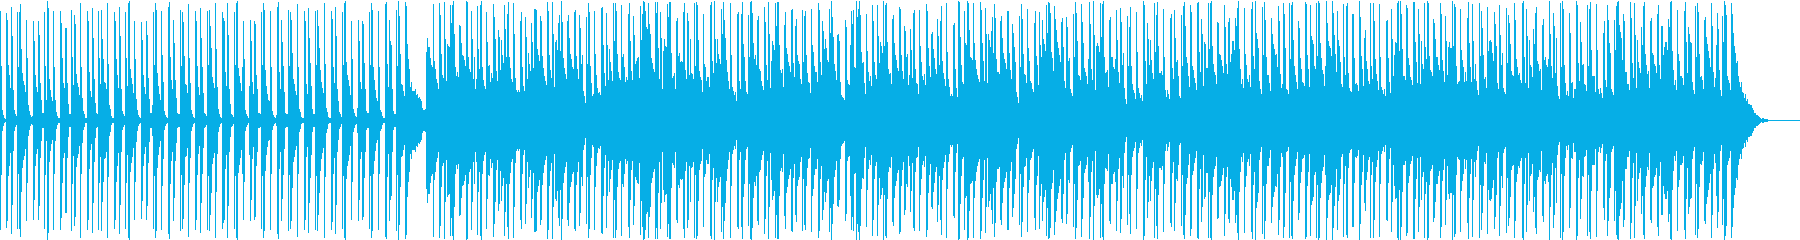 口笛のかわいい映像系の曲(メロディなし)の再生済みの波形